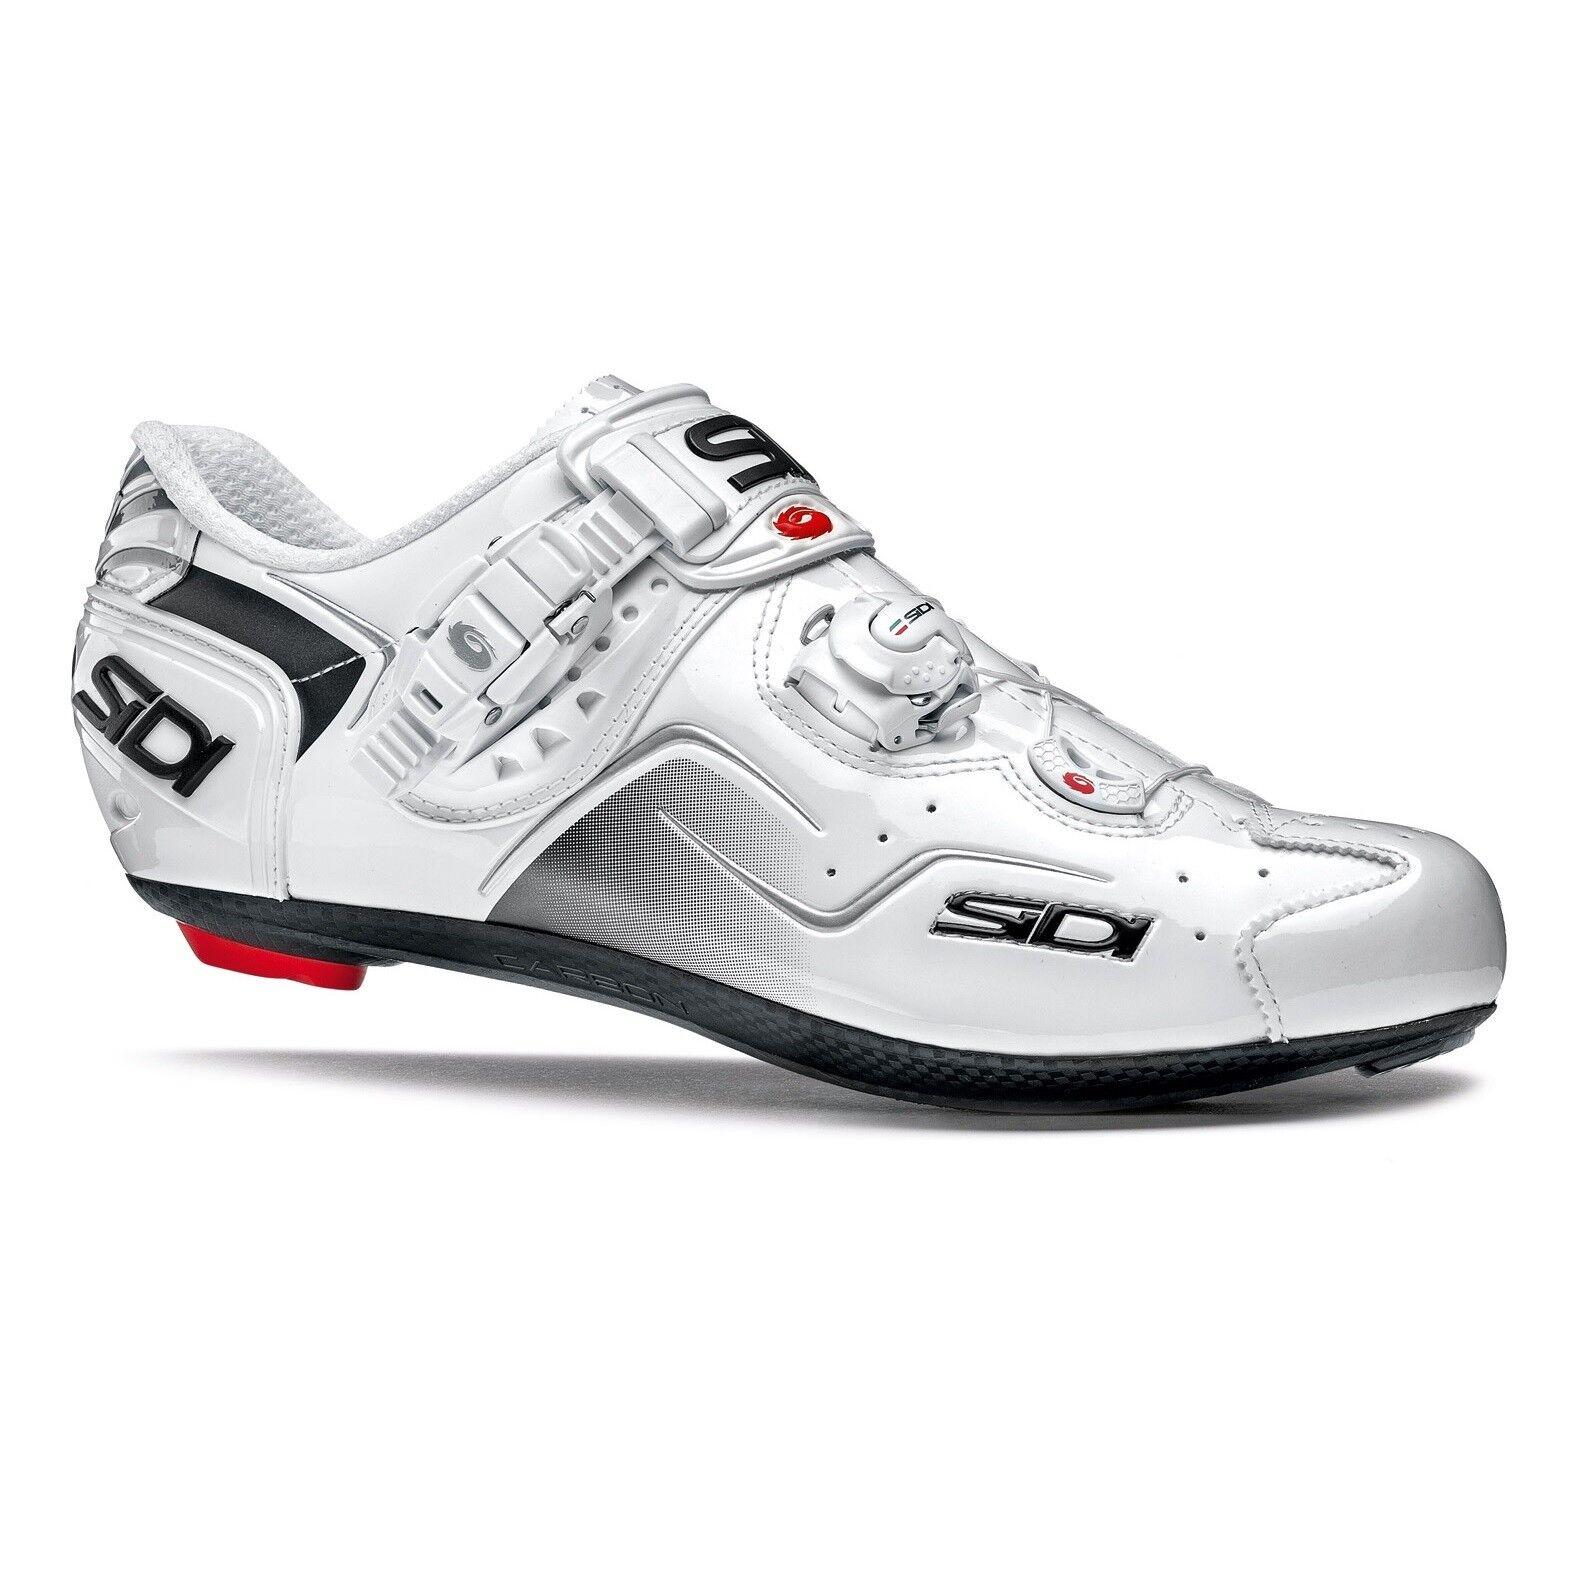 SIDI Kaos Road Cycling shoes Bike Bicycle shoes White White Size 36-46 EUR